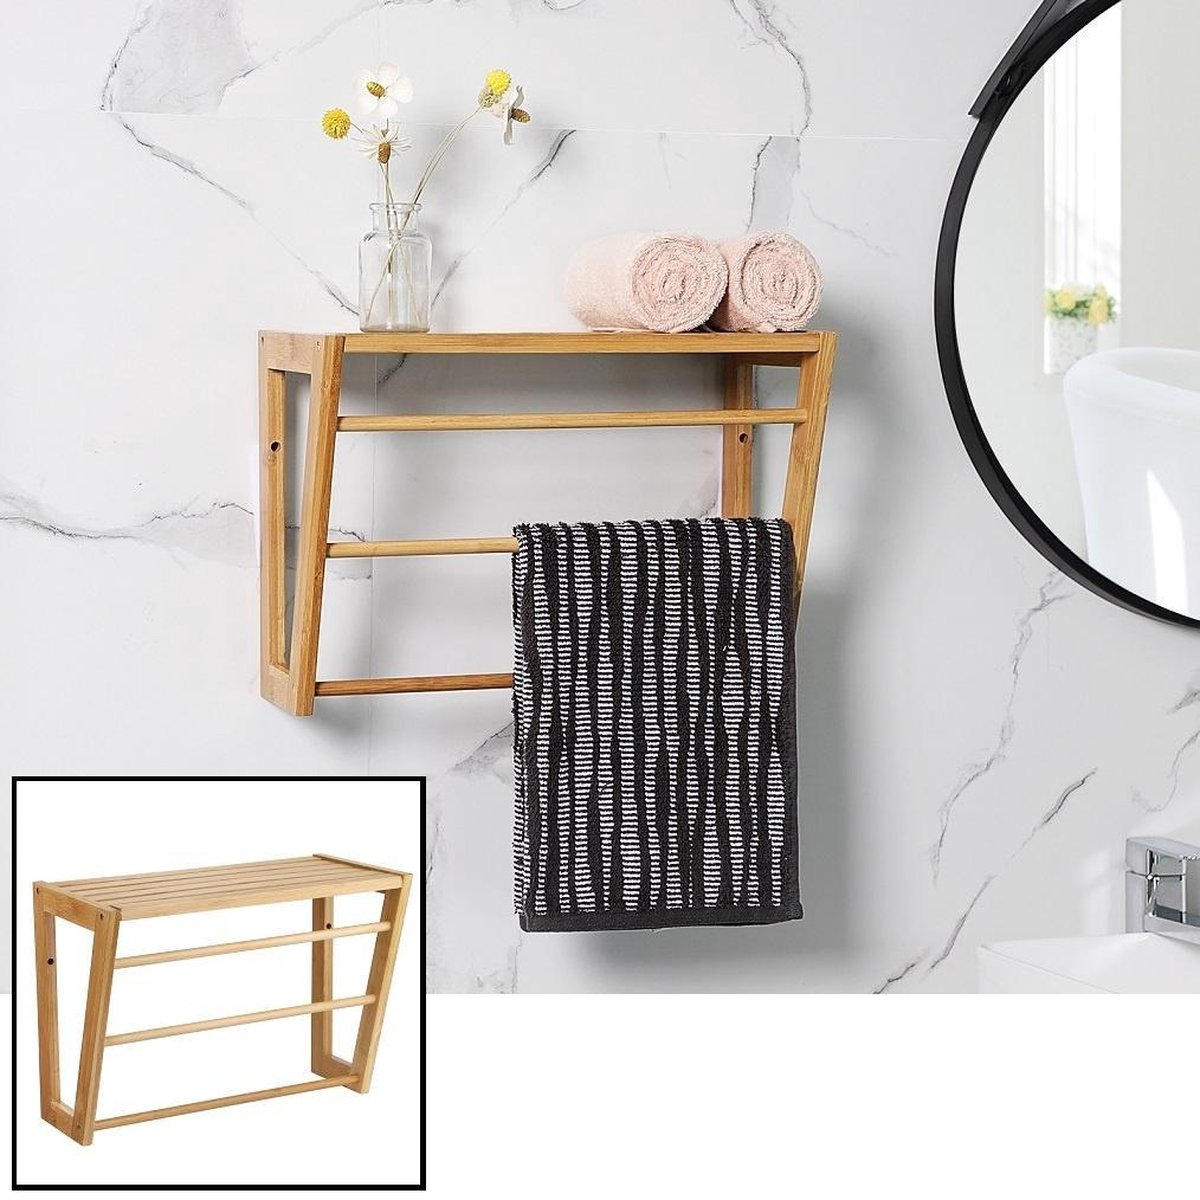 Decopatent® Bamboe wandplank en handdoekenrek voor in de badkamer - Hangend houten wandrek - Handdoekenhouder - Badkamer rek